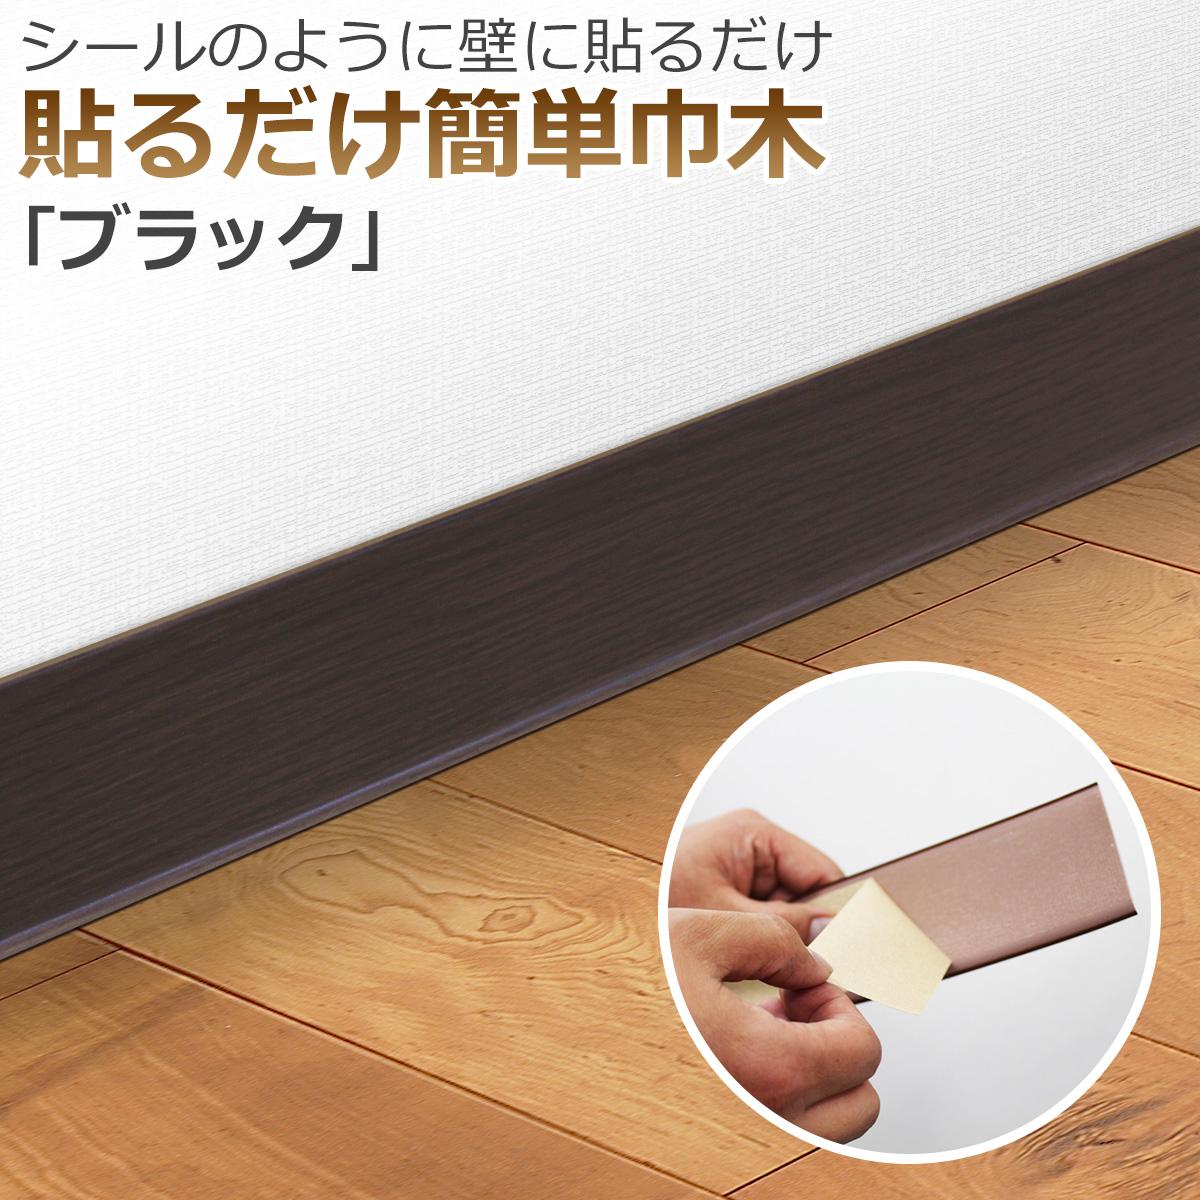 シールのように壁に貼るだけ 貼るだけ簡単巾木「ブラック」